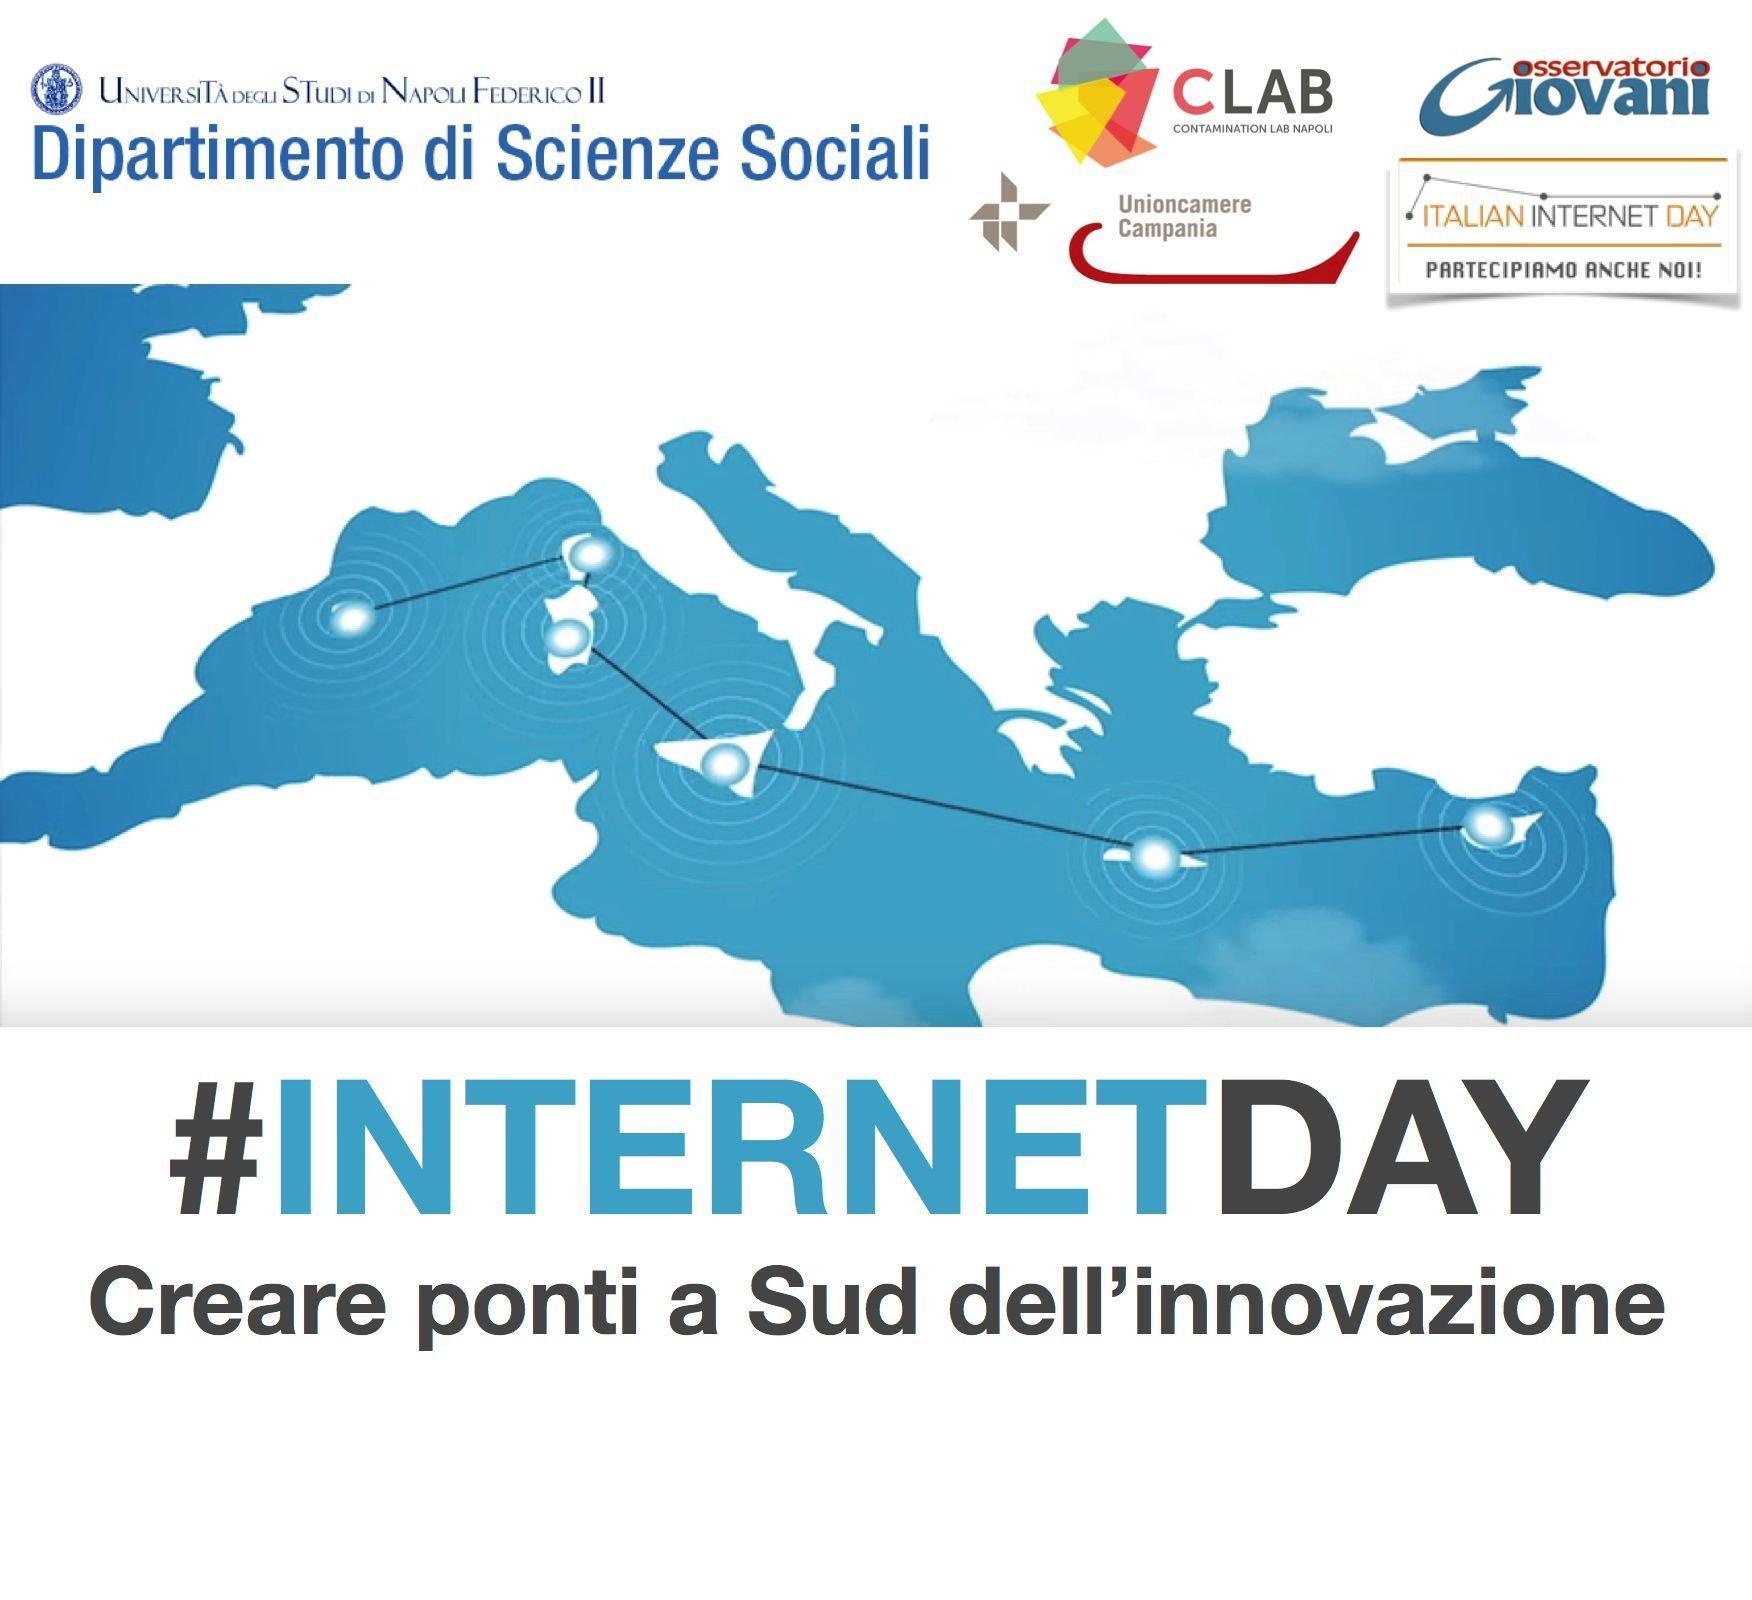 29 aprile: #InternetDay a Napoli per creare ponti a sud dell'Innovazione